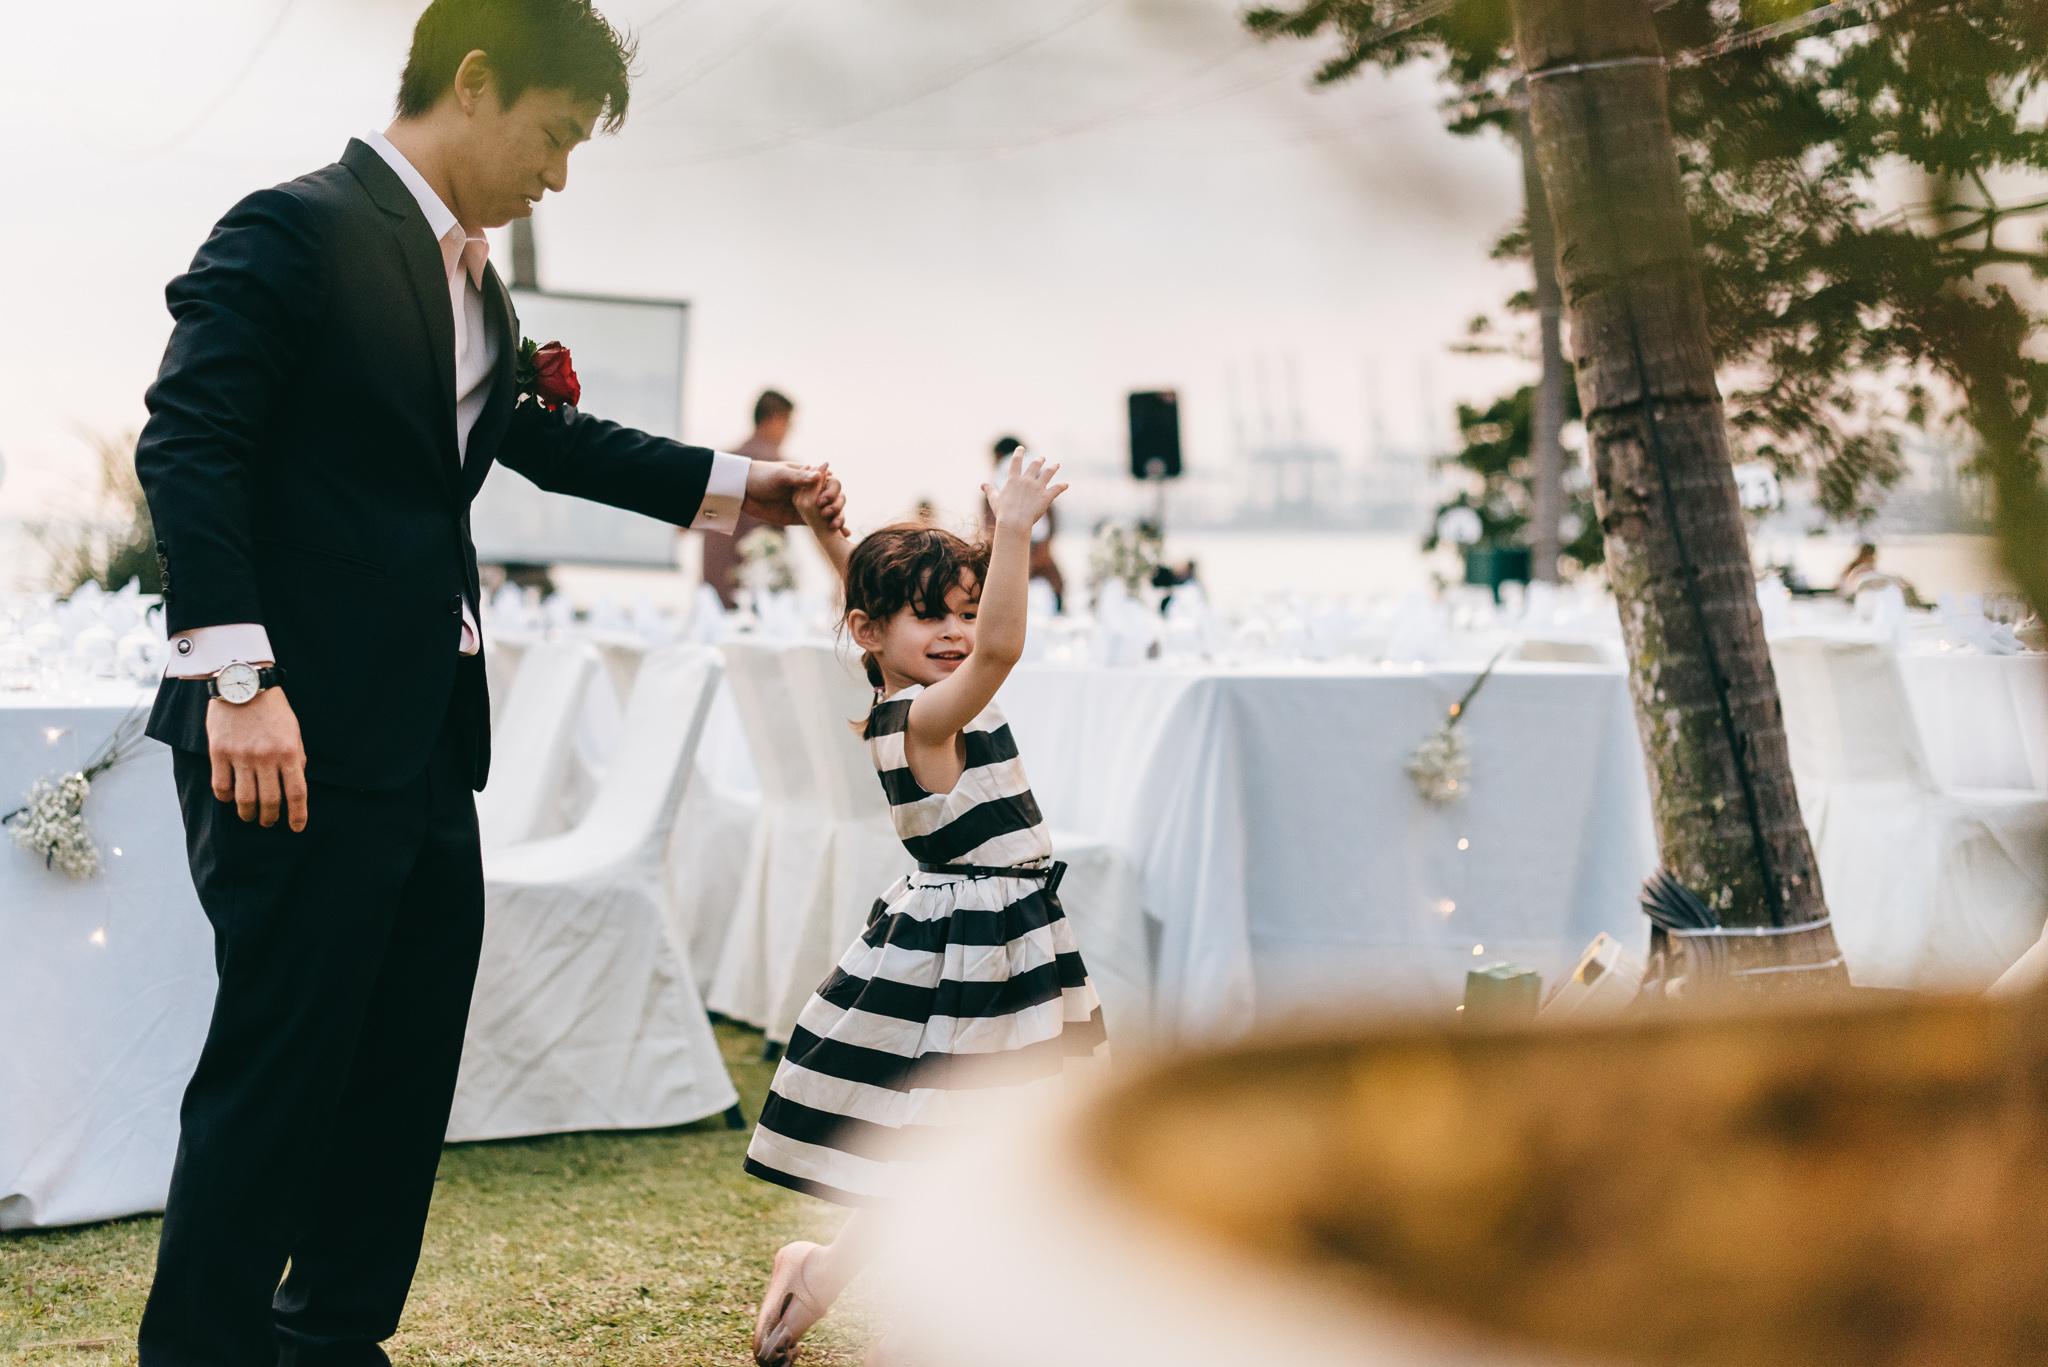 Lionel & Karen Wedding Day Highlights (resized for sharing) - 159.jpg